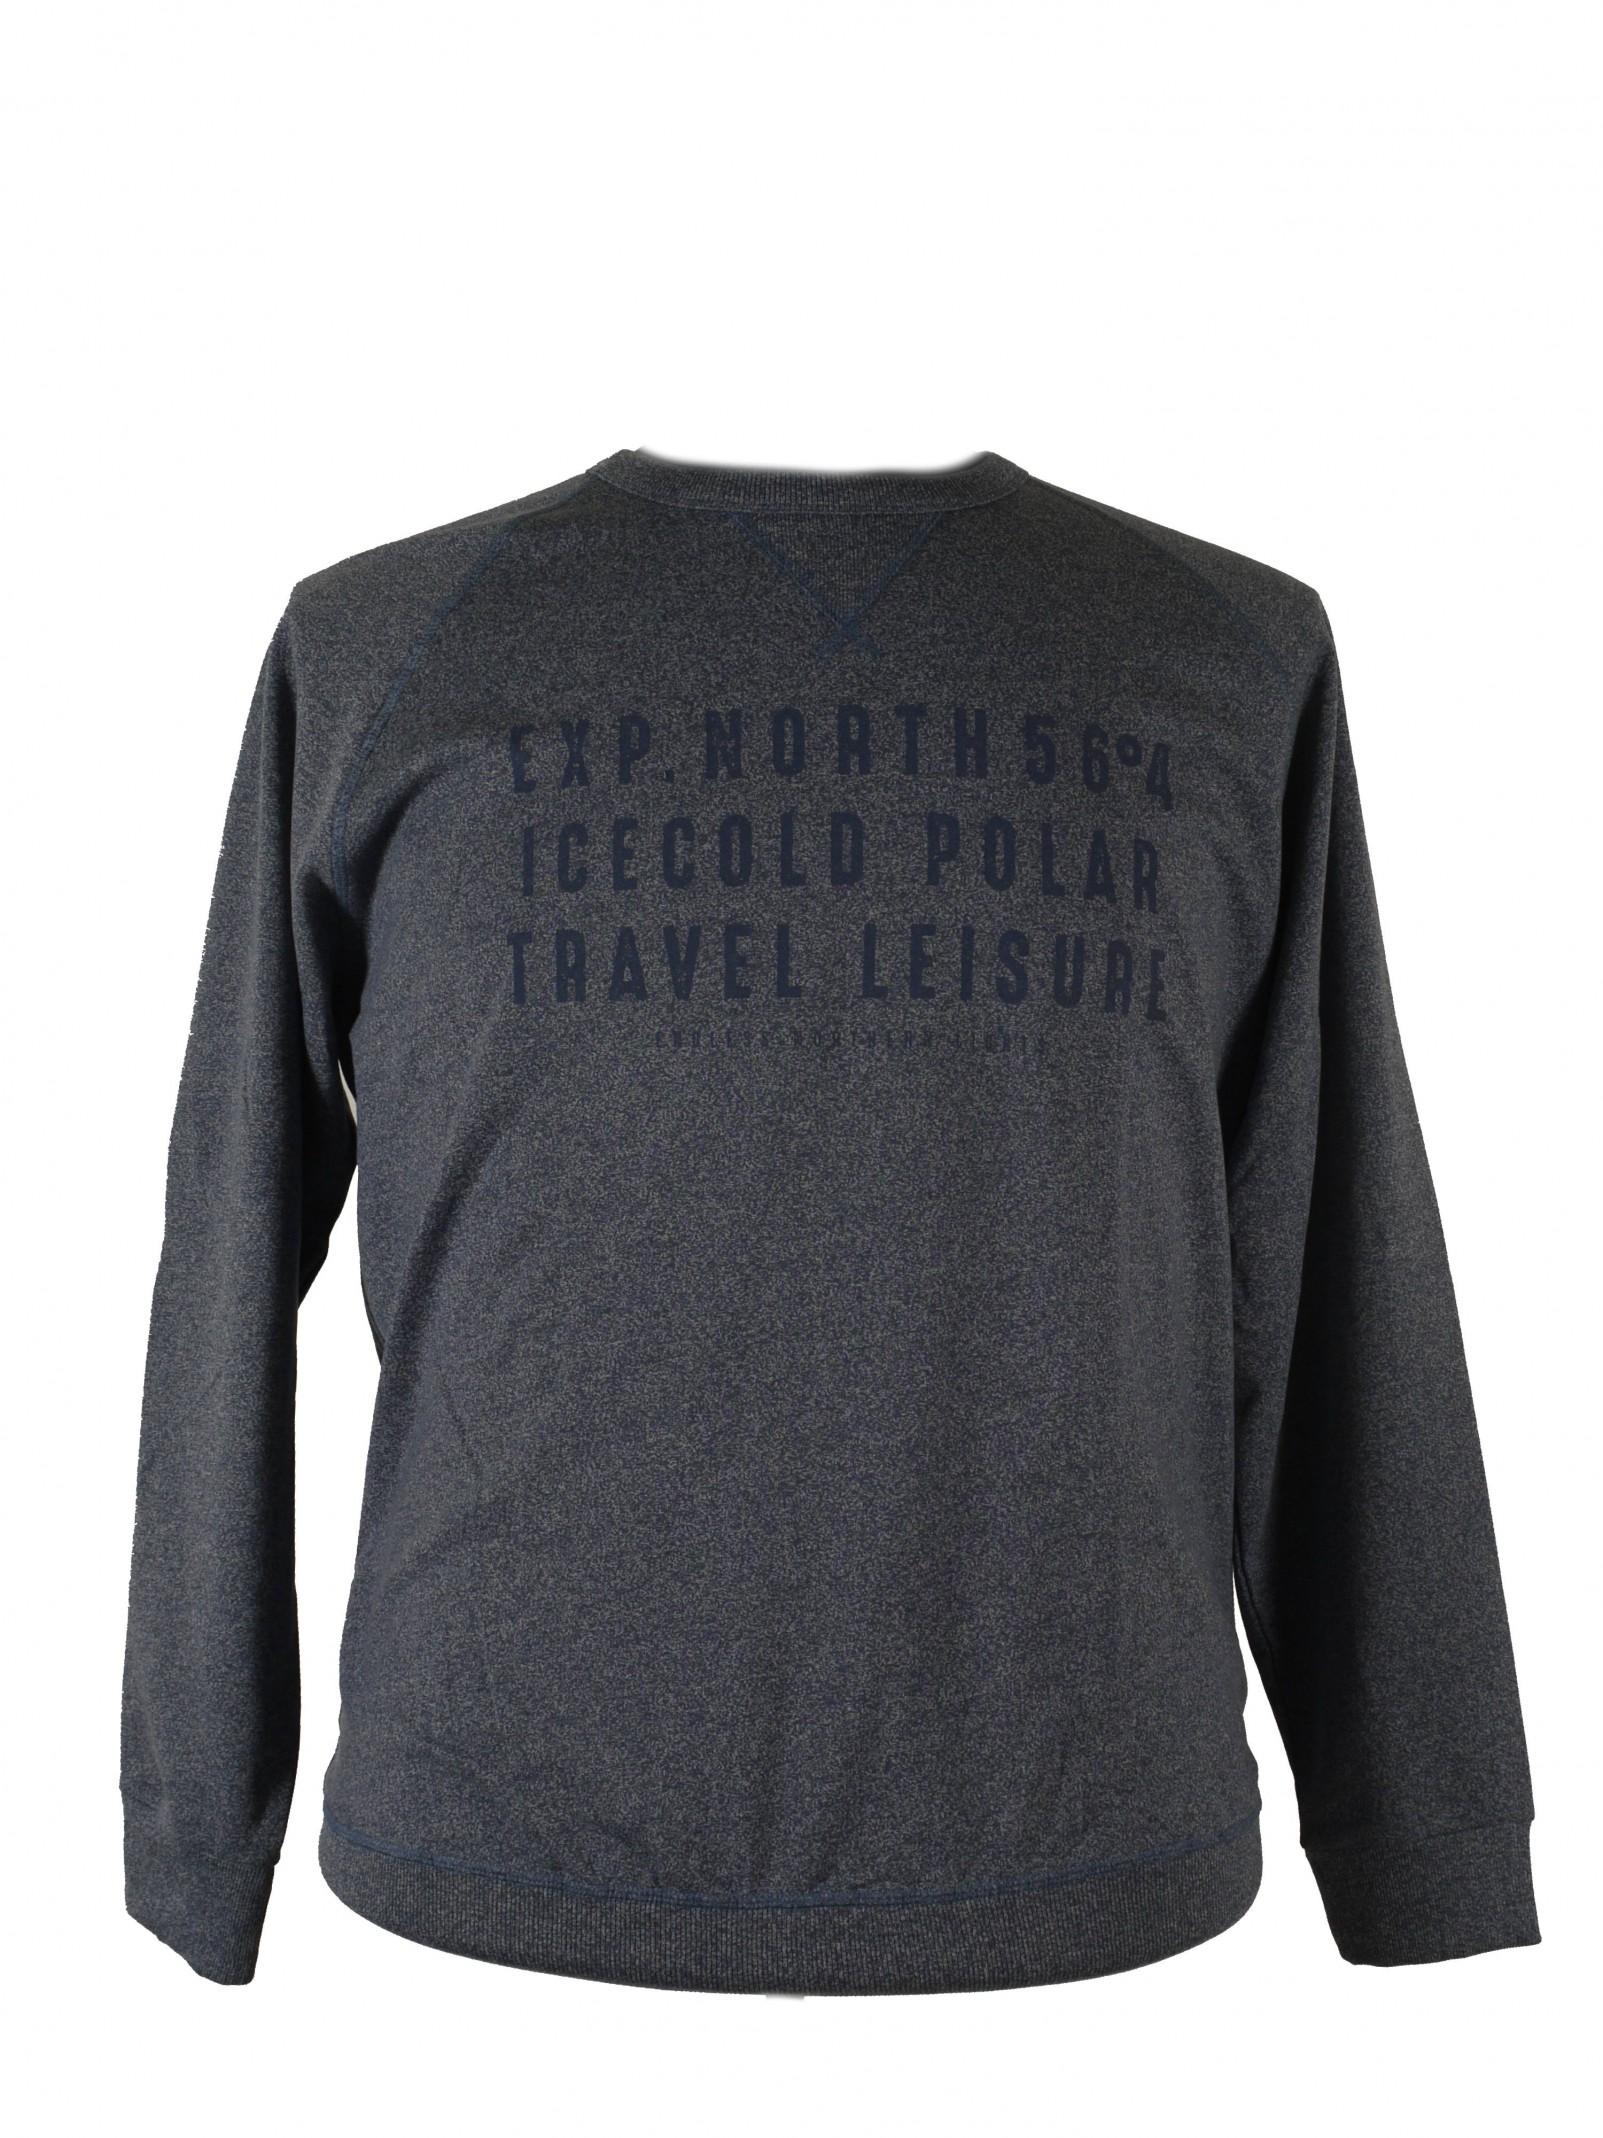 XXL Rundhals-Sweatshirt von Allsize mit elastischem Bund, blaumelange 1088f8989e21